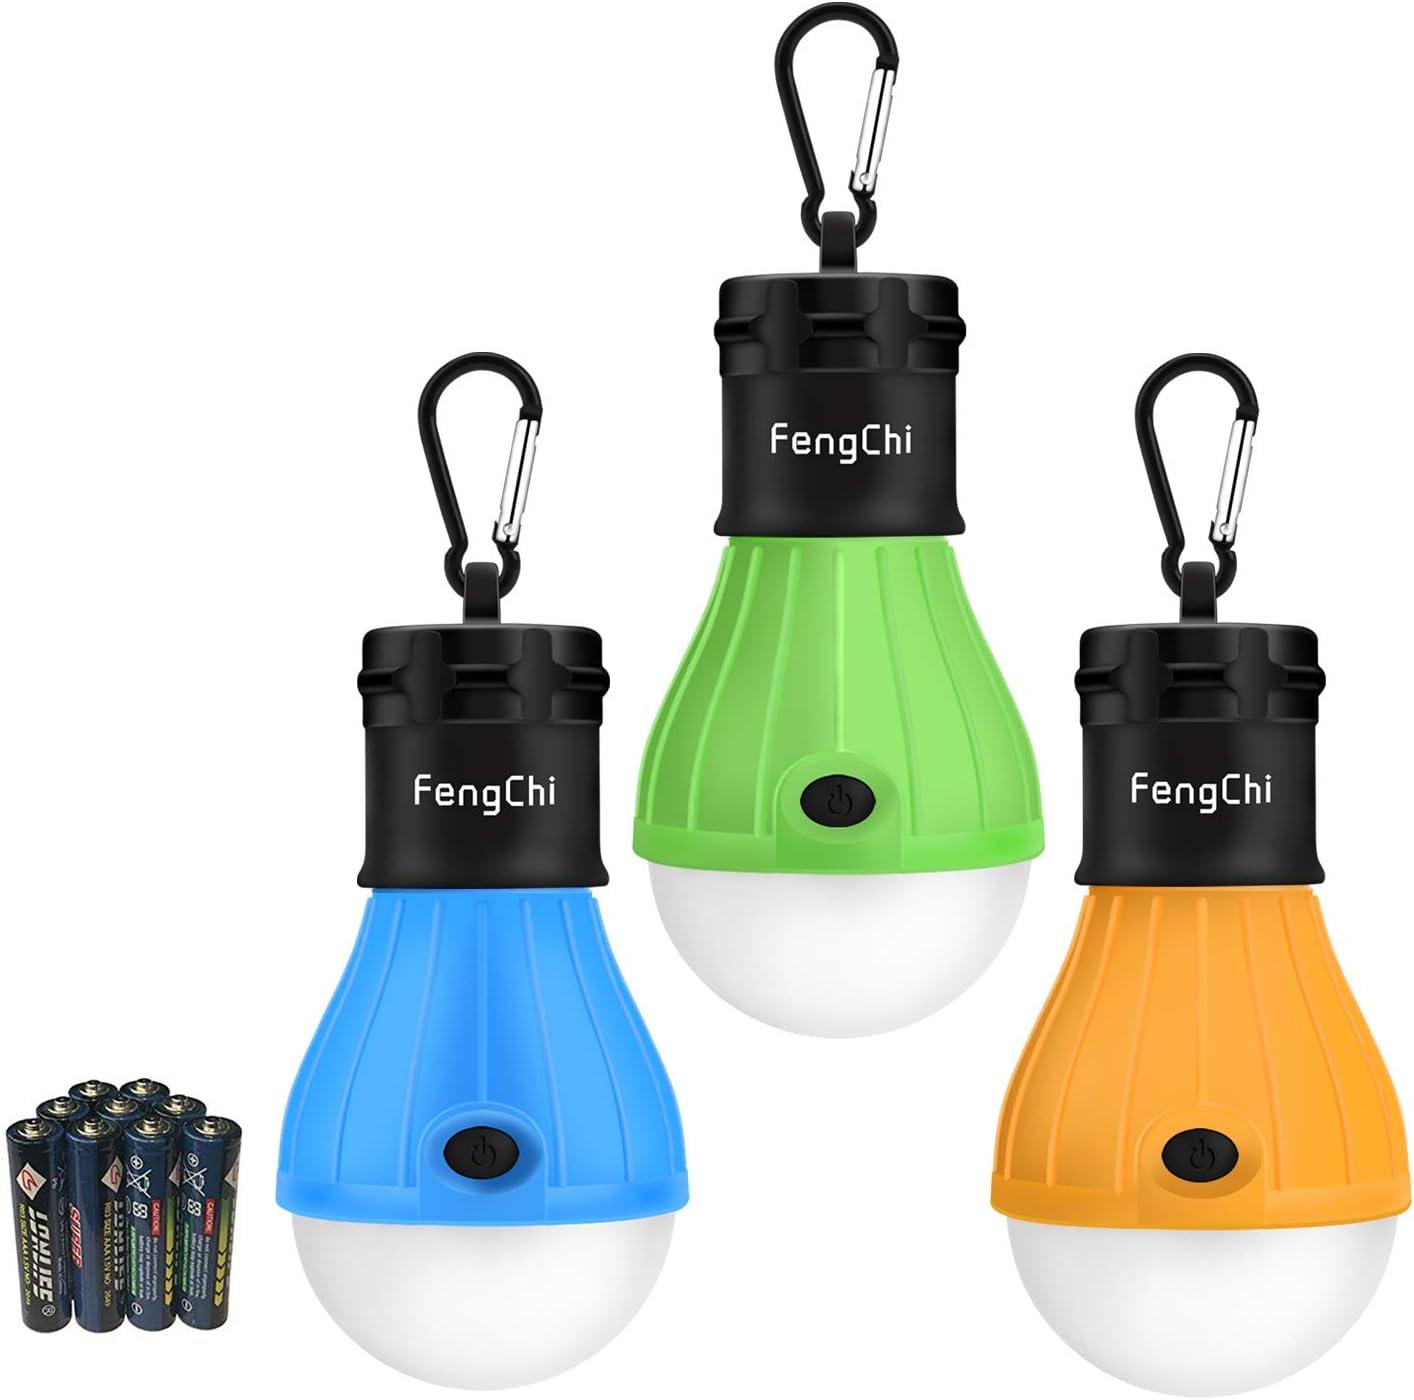 FengChi LED Camping Lantern